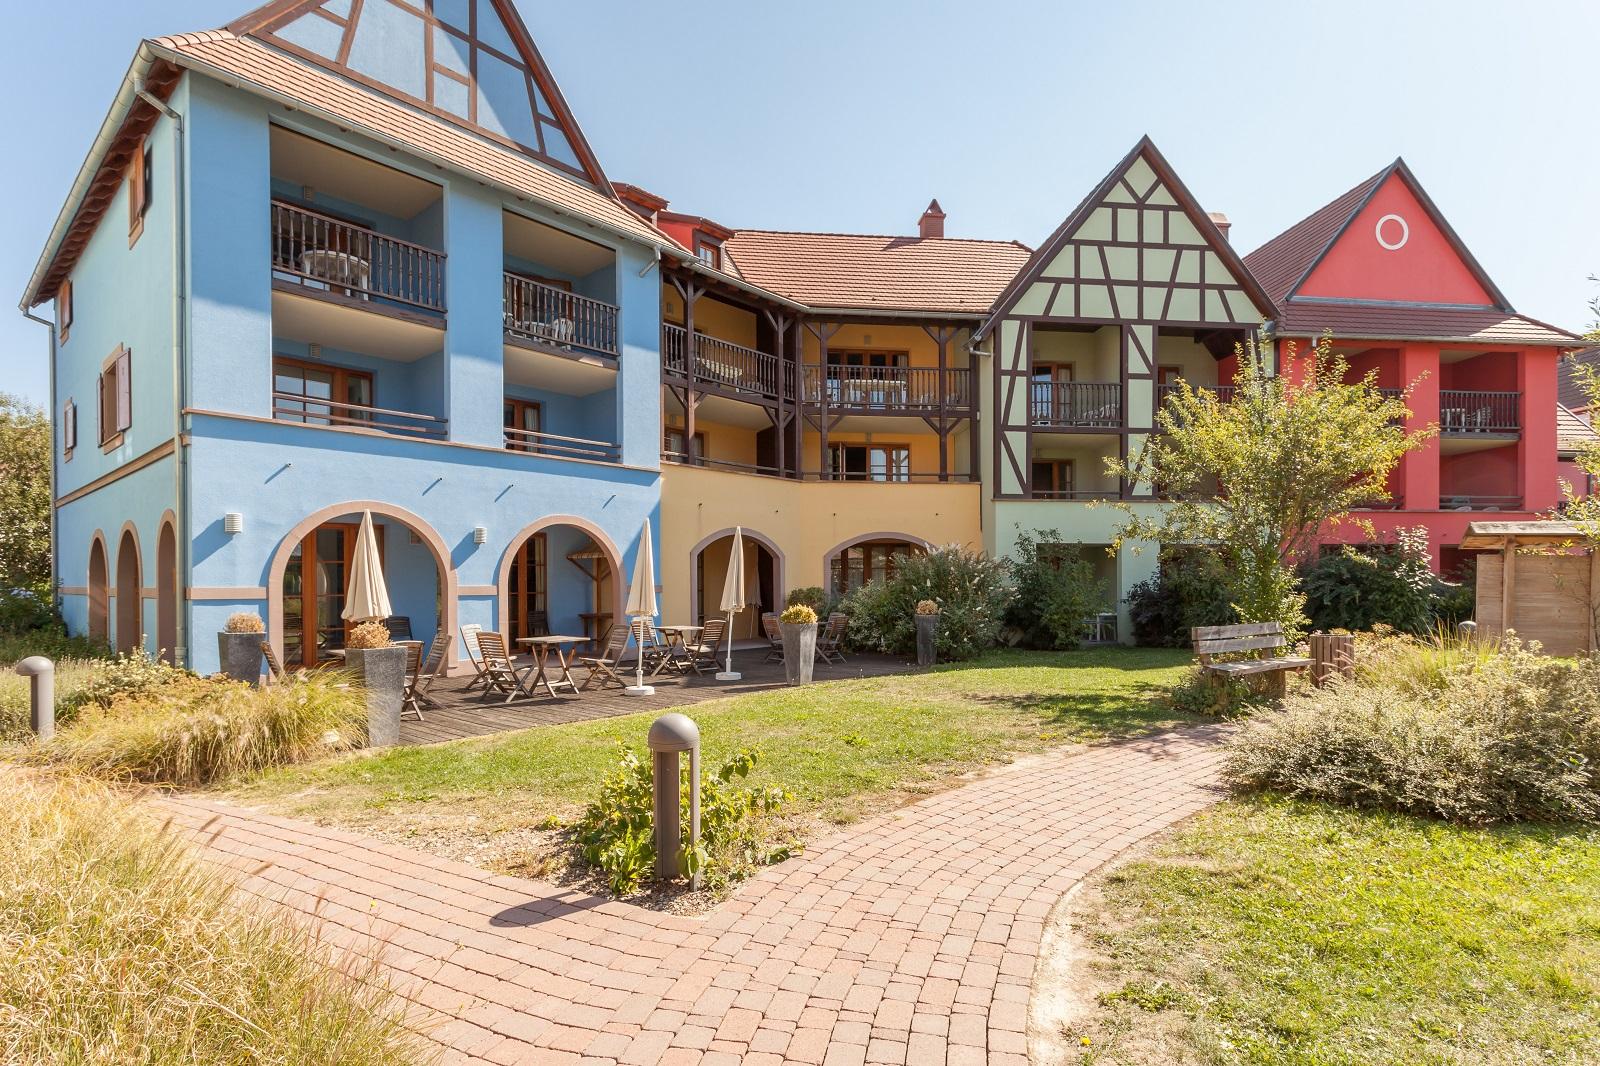 Office de tourisme de colmar en alsace le clos d 39 eguisheim r sidence pierre et vacances - Office du tourisme eguisheim ...